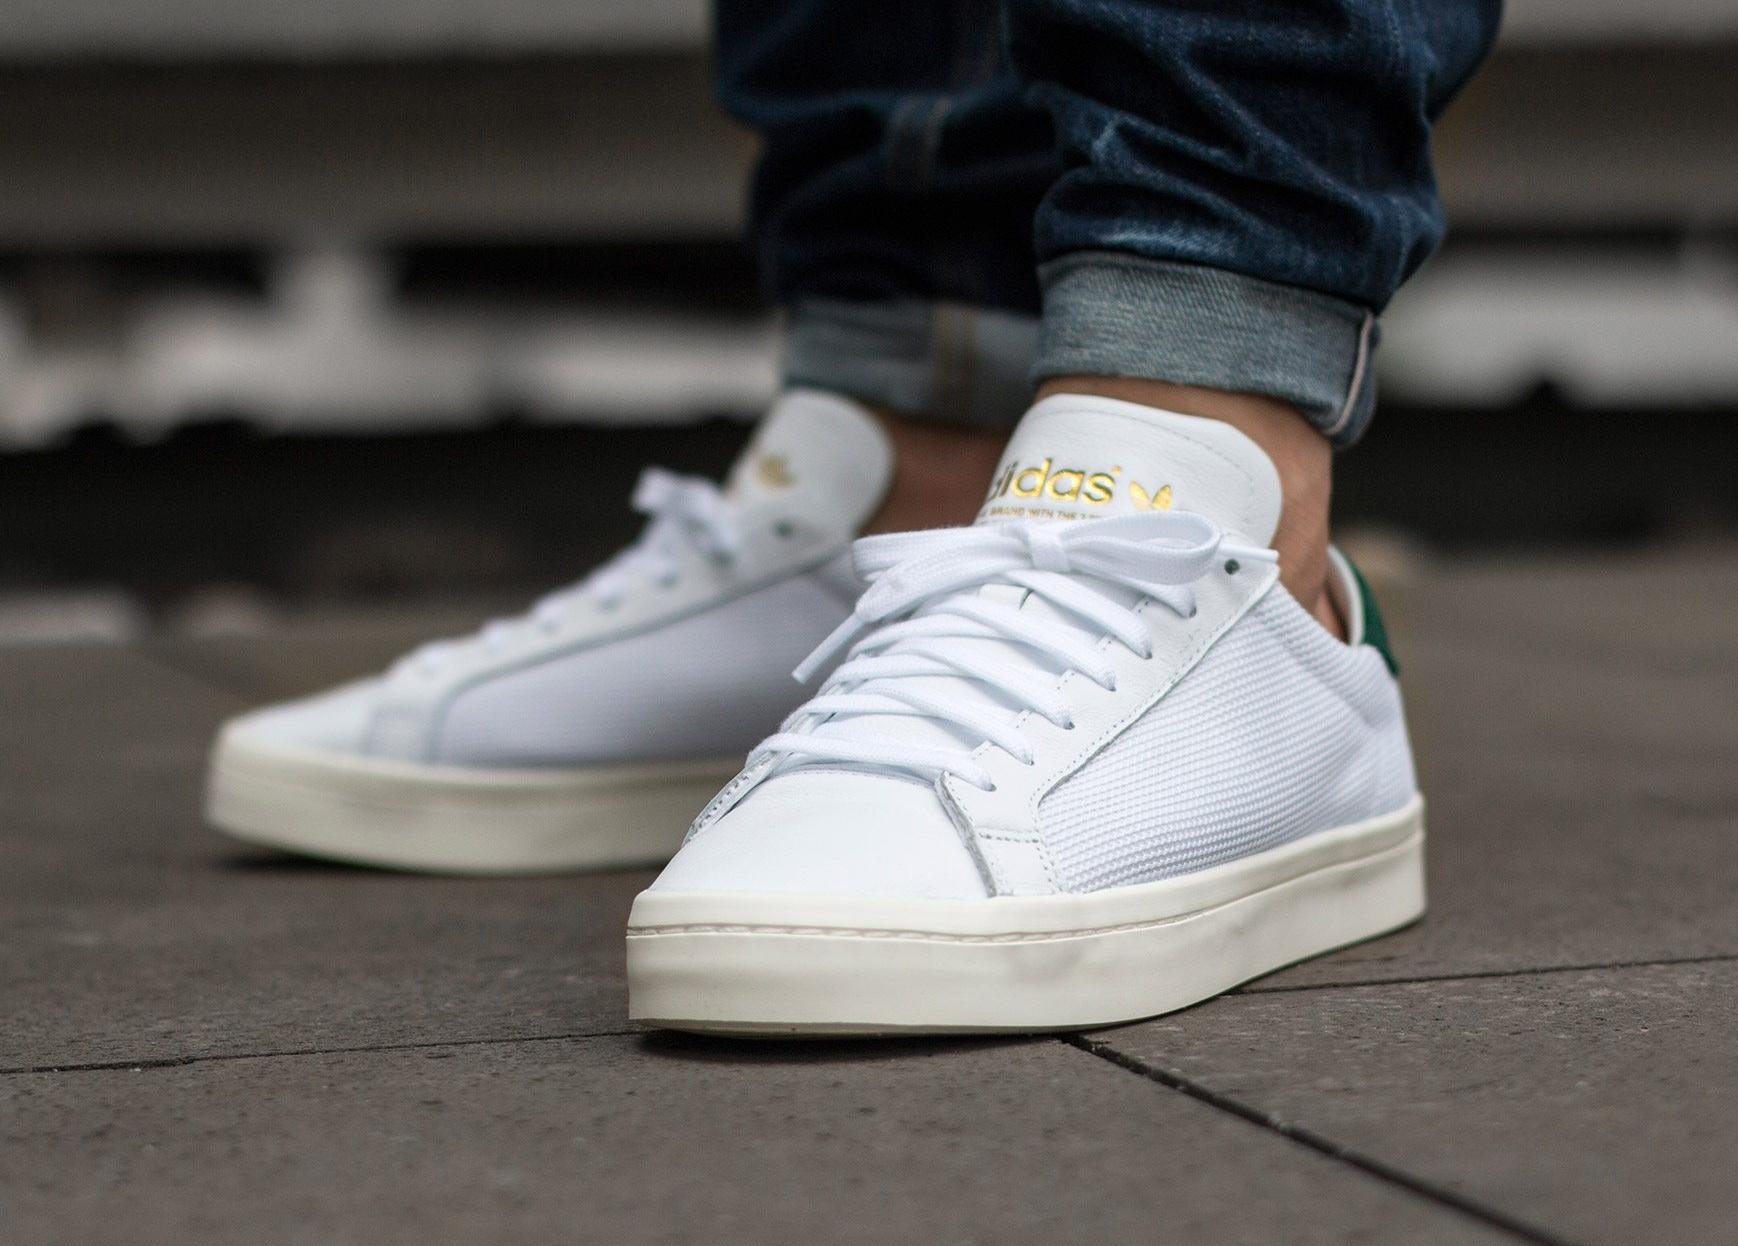 8d3b255c2bc5 ... acheter chaussure Adidas Court Vantage Vintage White Court Green